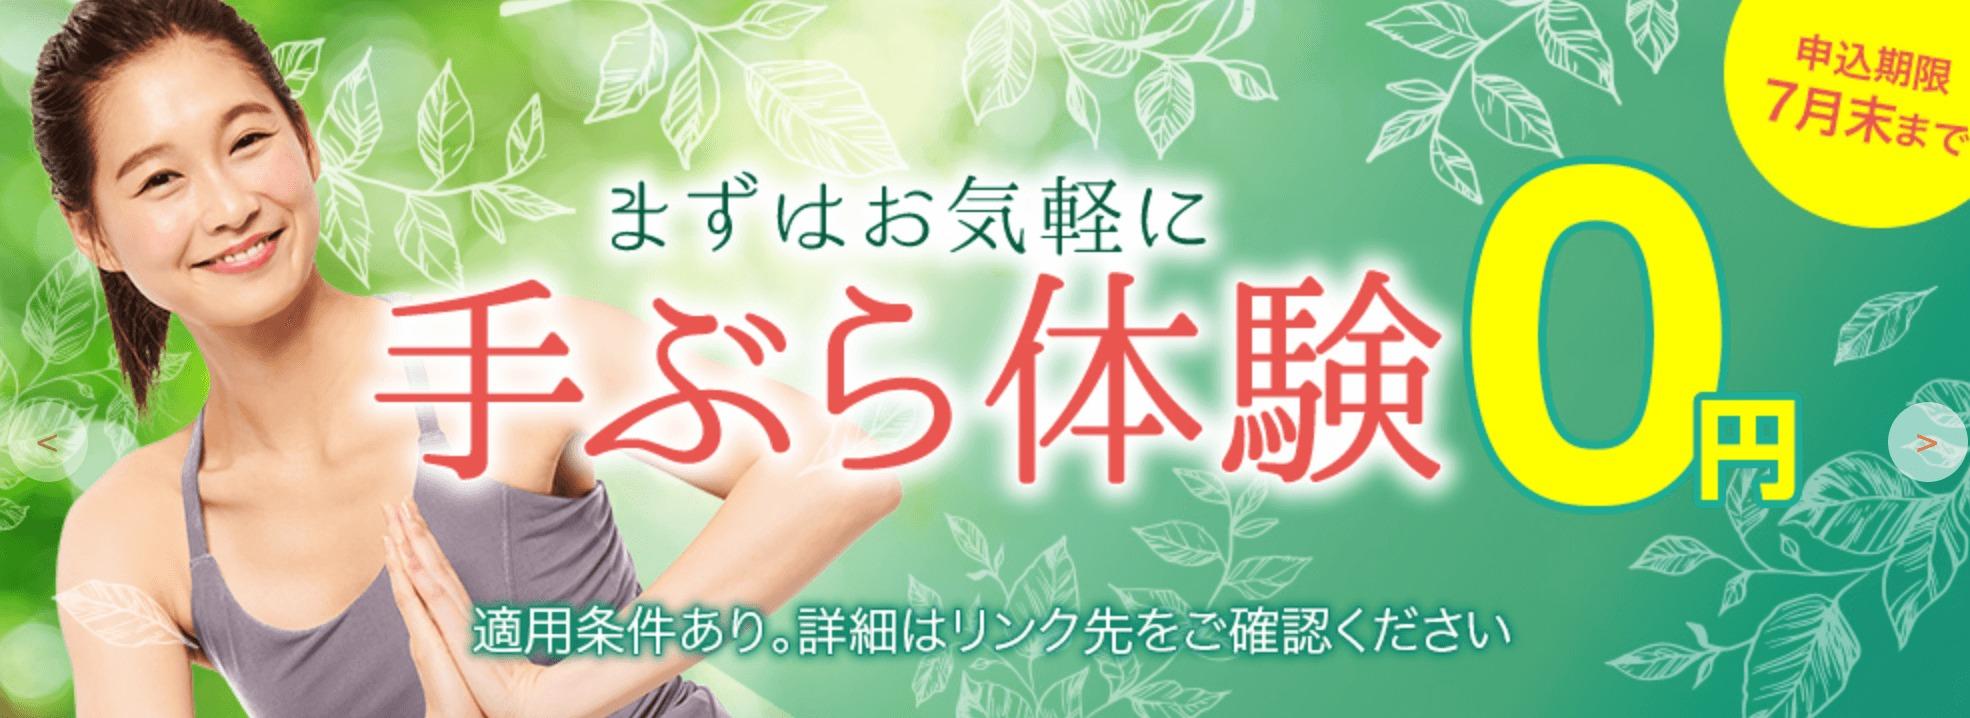 【安い!】名古屋で選ぶべきホットヨガスタジオ【おすすめ5つ】